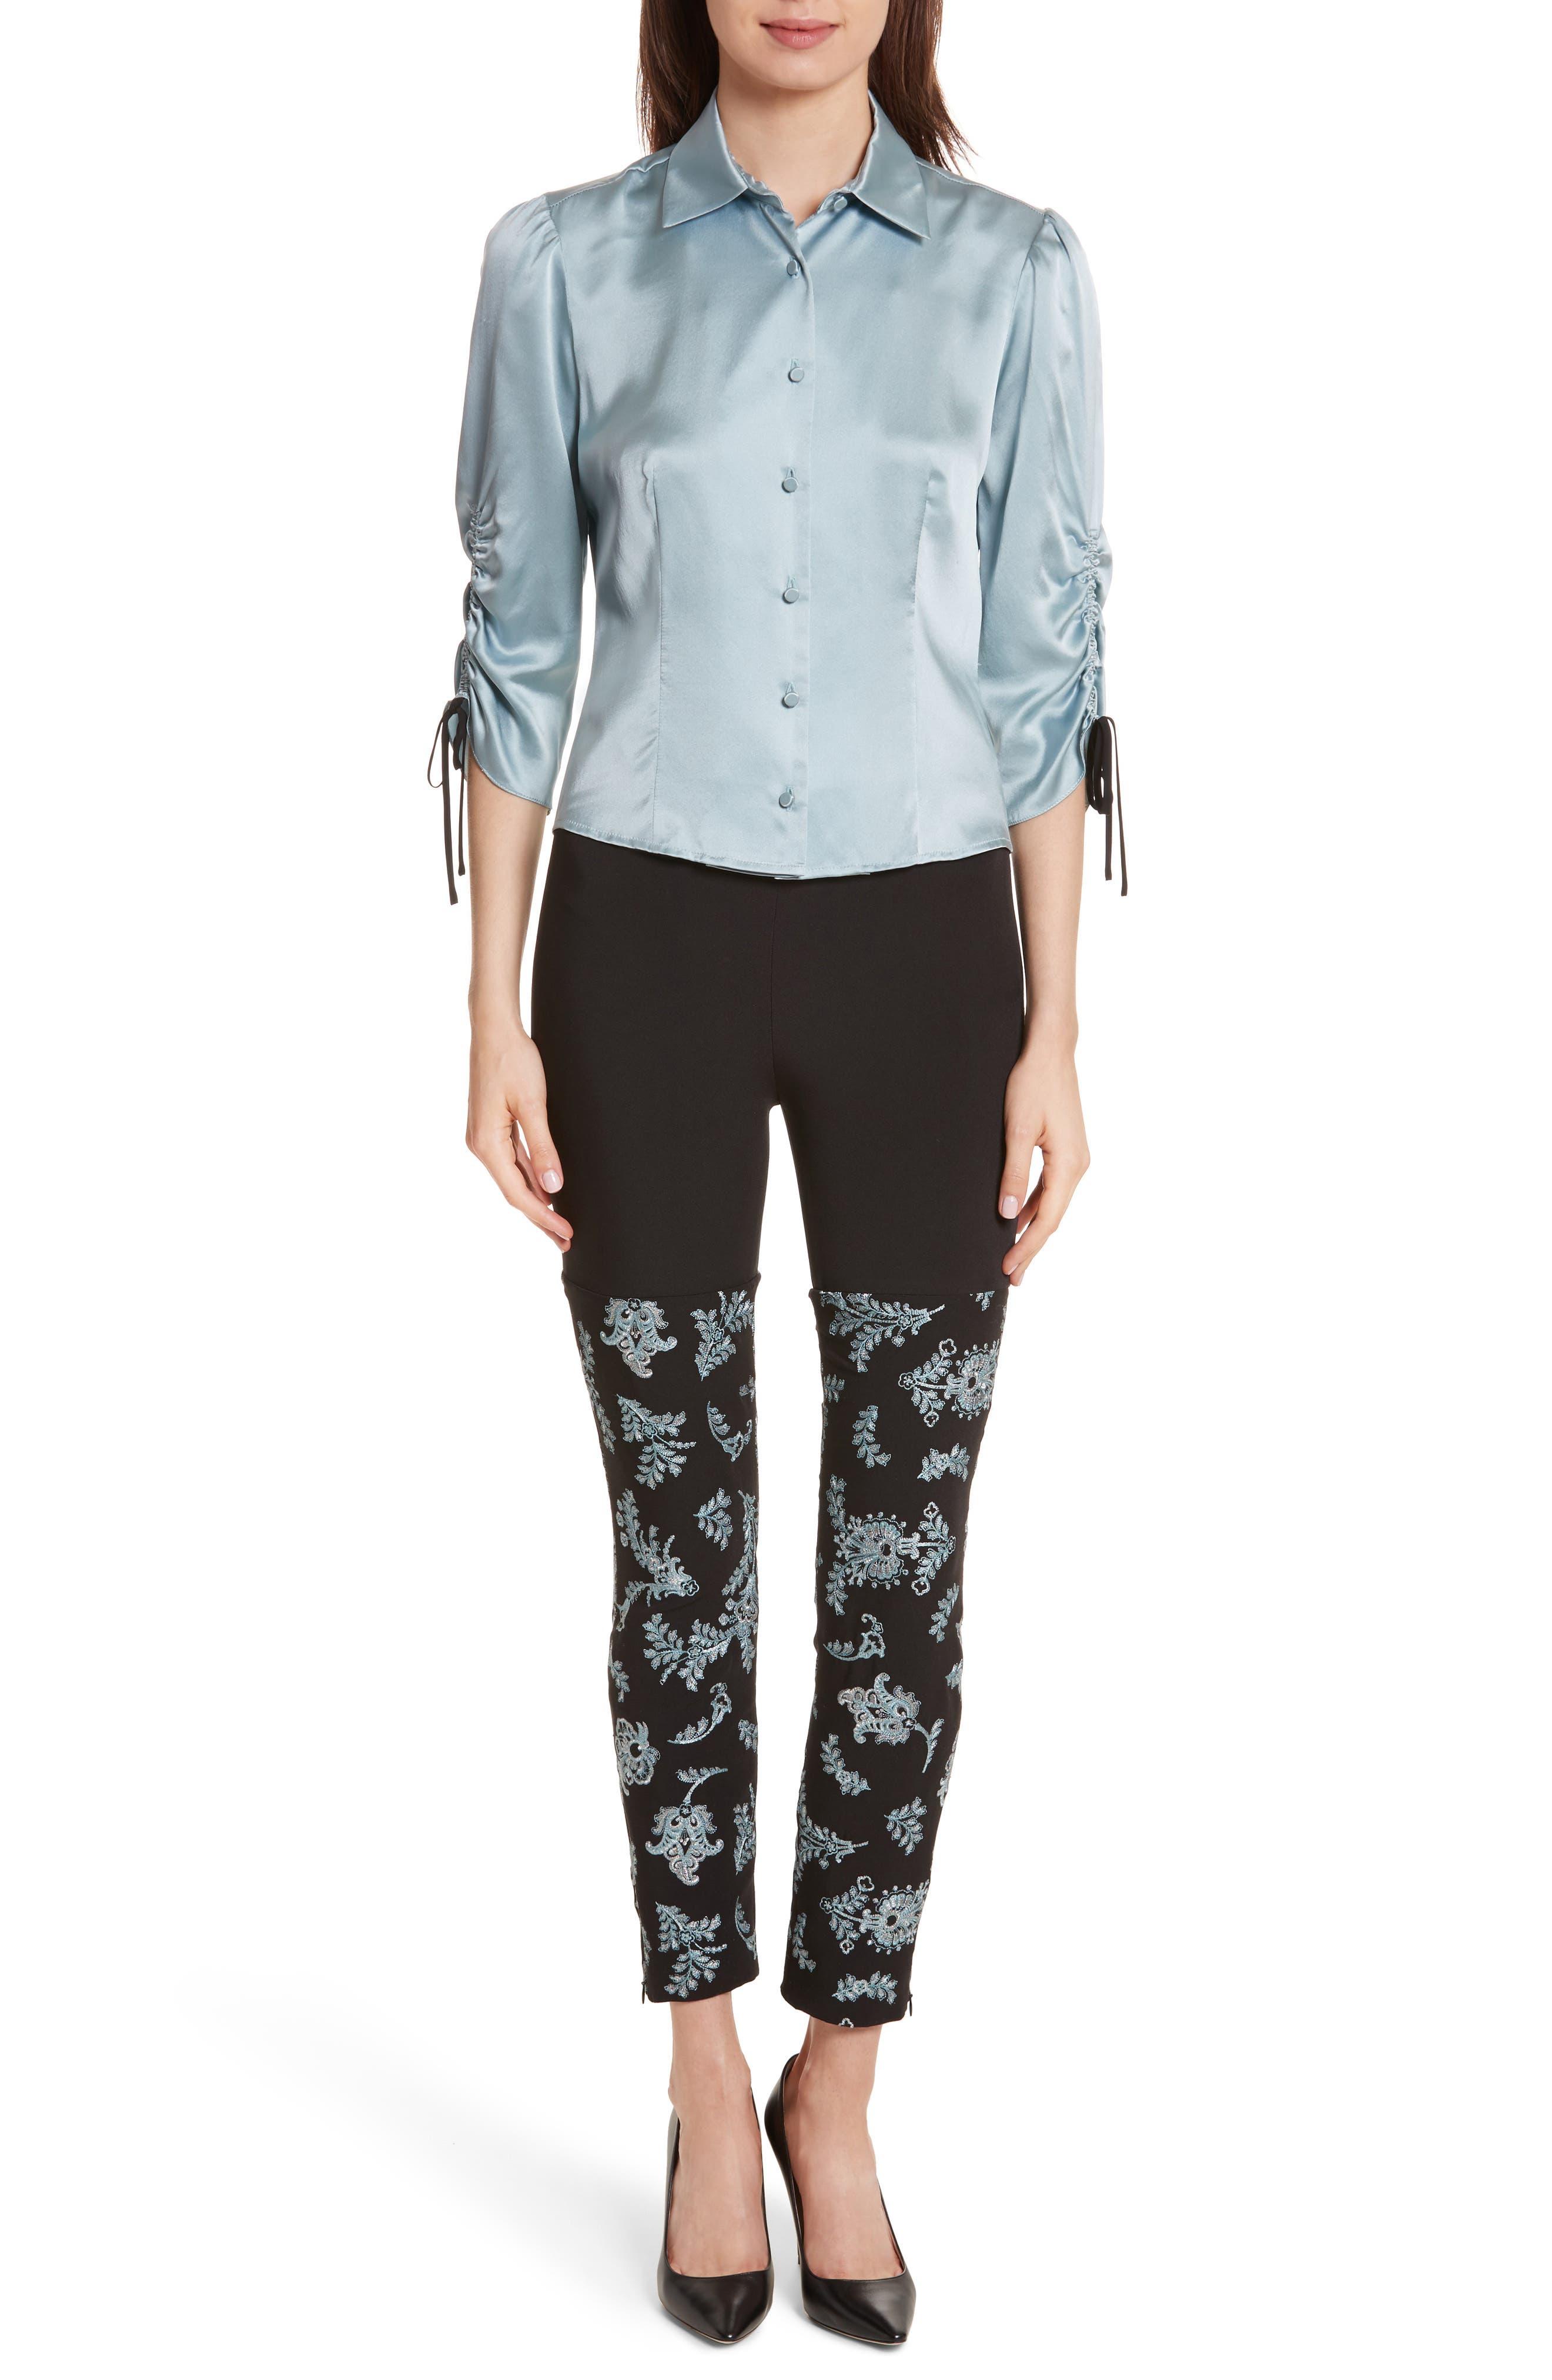 Marin Embroidered Leggings,                             Alternate thumbnail 2, color,                             Black/ Silver/ Sunshower